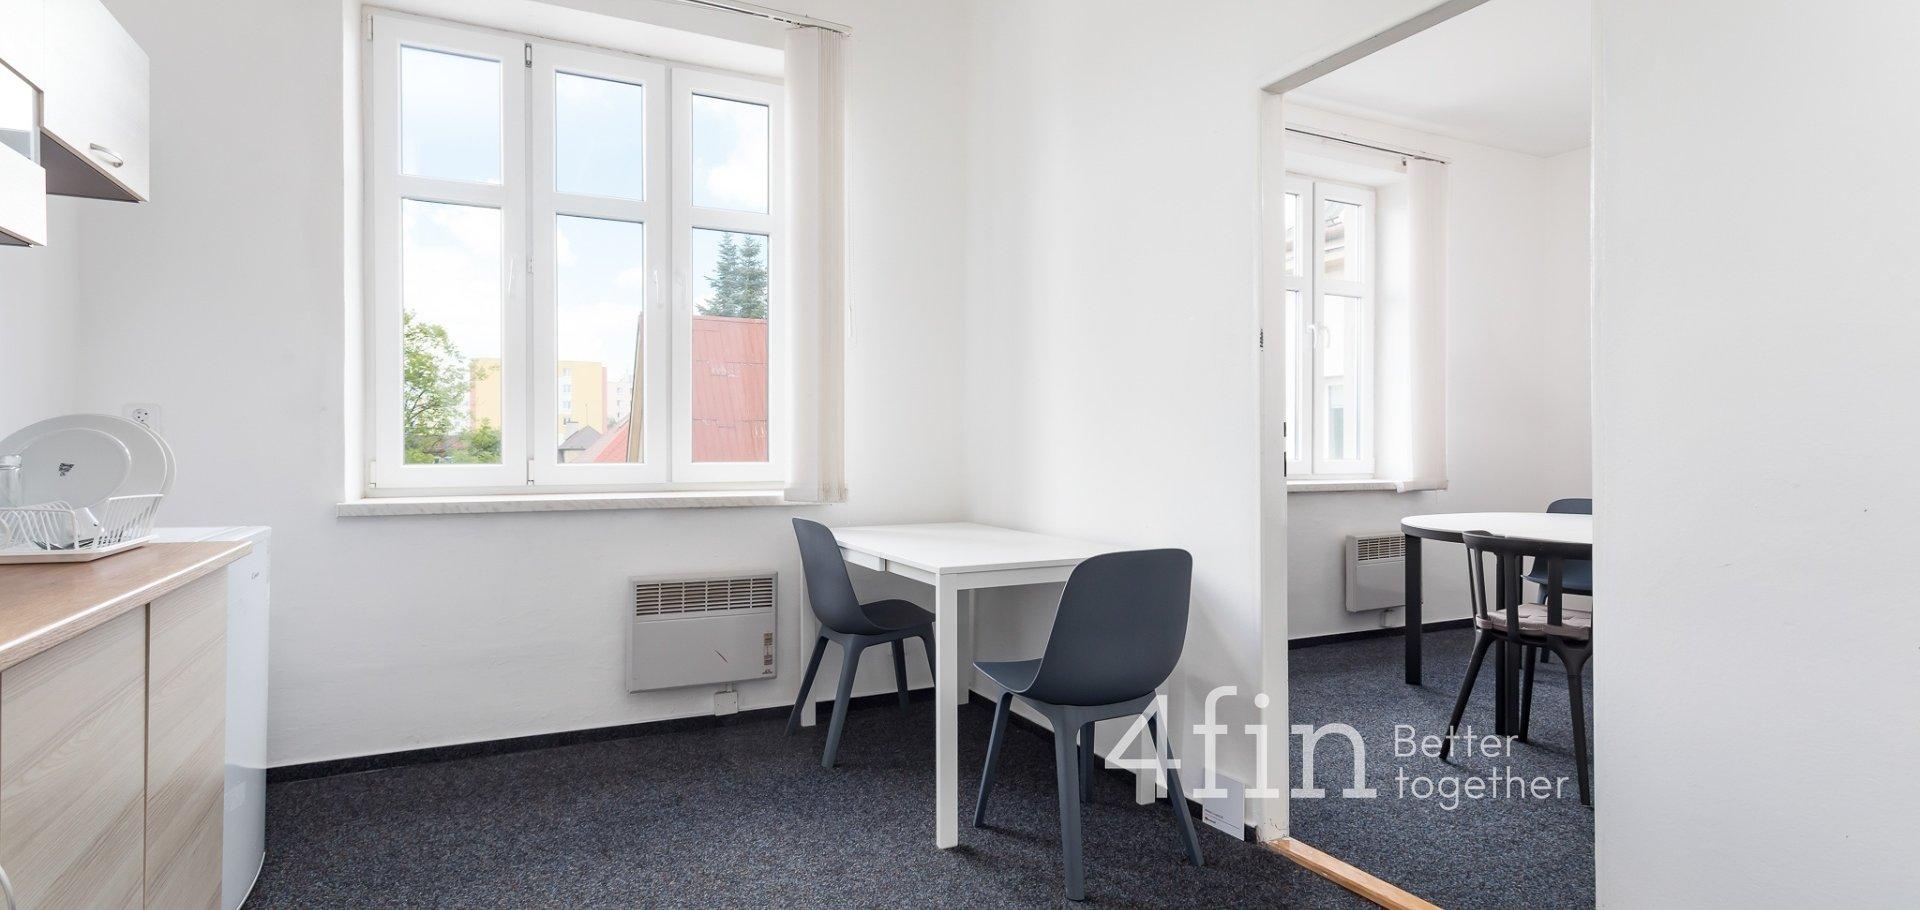 Pronájem kanceláře  65 m²